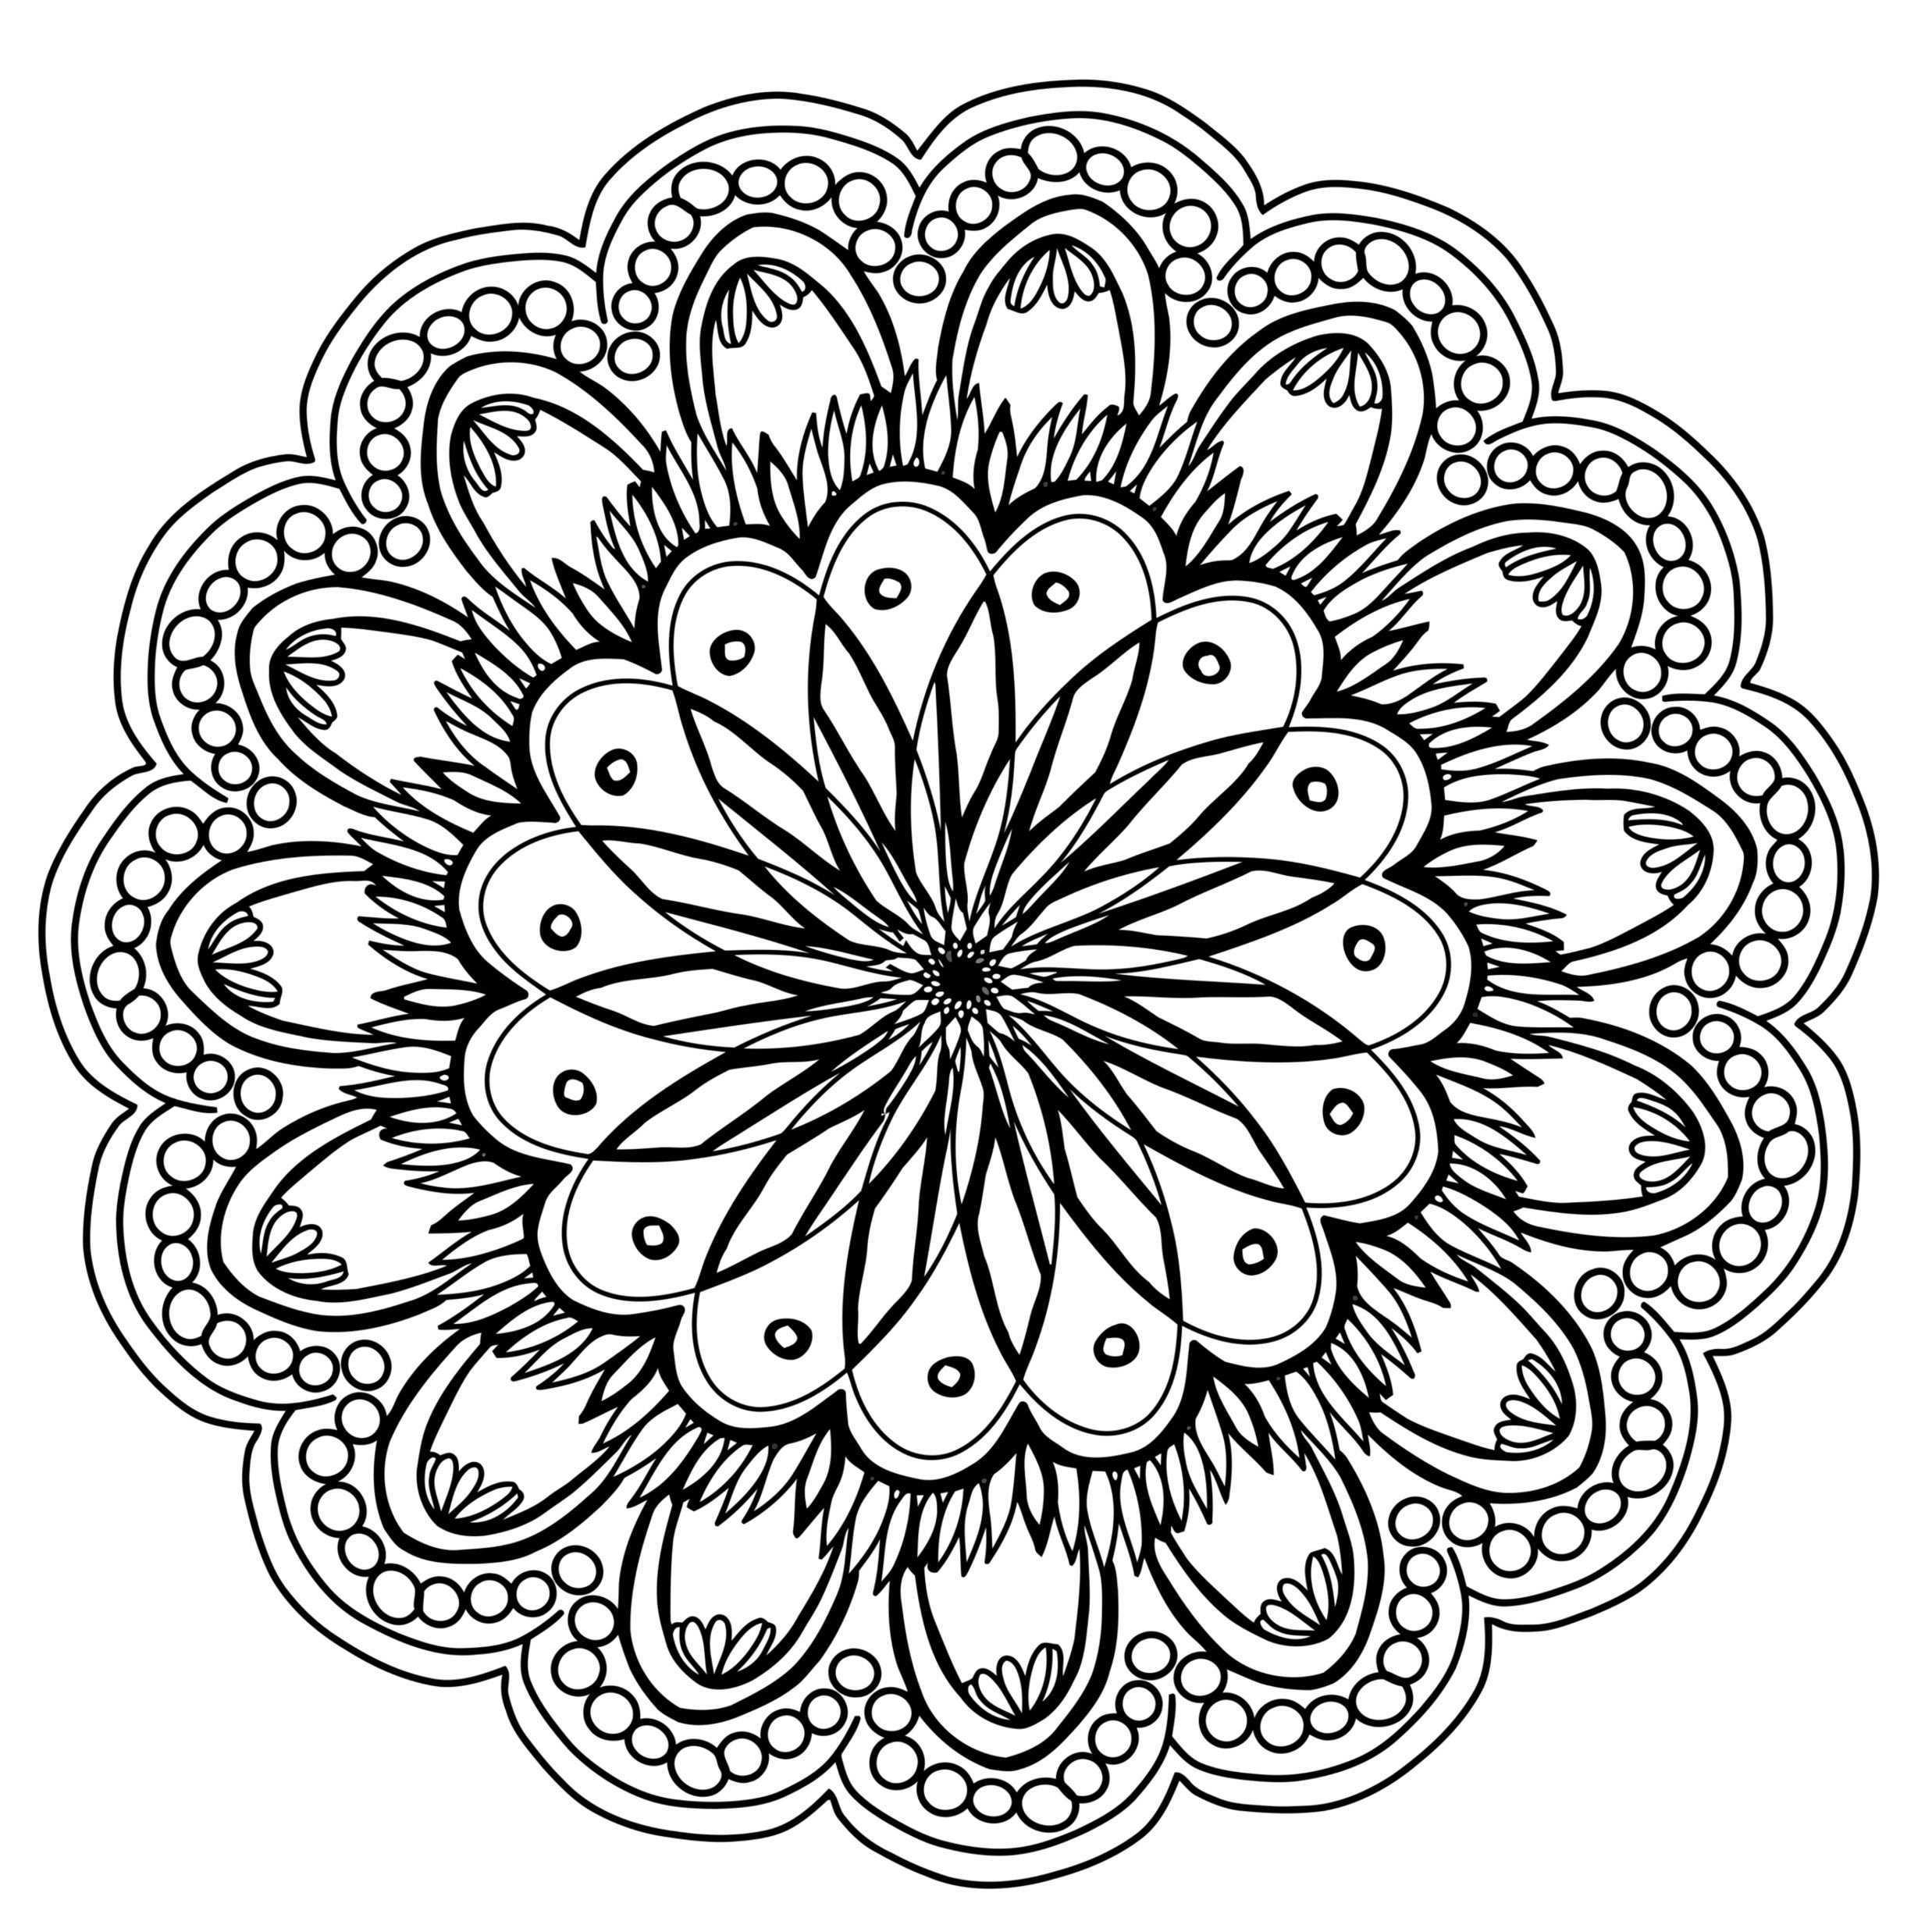 Kostenlose Mandalavorlagen Zum Herunterladen Mandala Vorlage Ausmalbilder Zeichnen Mandala Zum Ausdrucken Mandalas Mandala Ausmalen